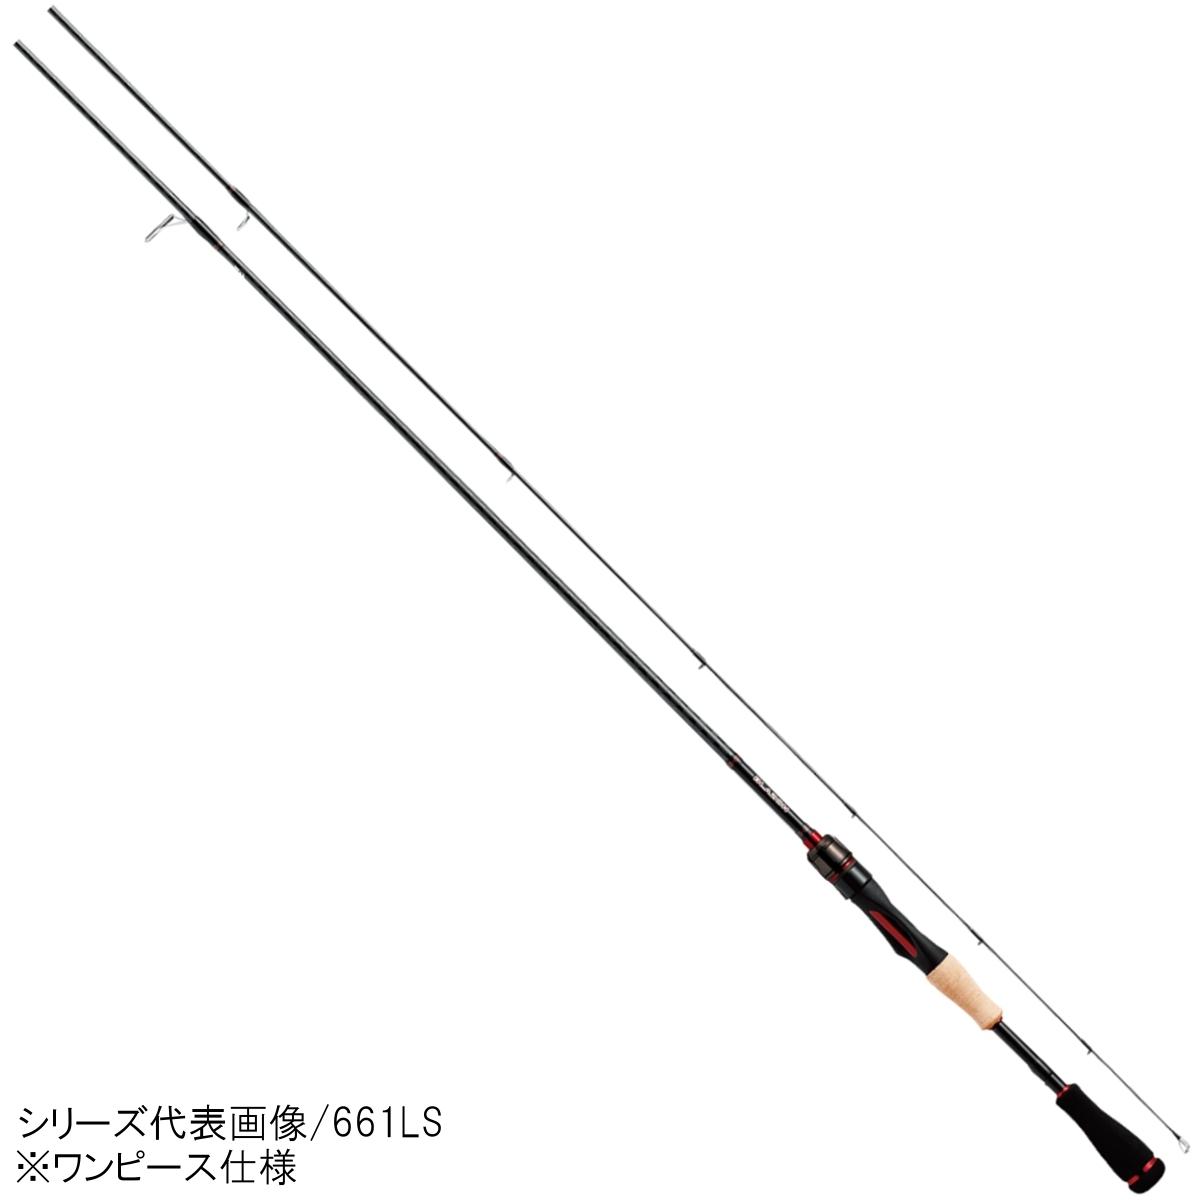 ダイワ ブレイゾン 641ULS-ST【大型商品】